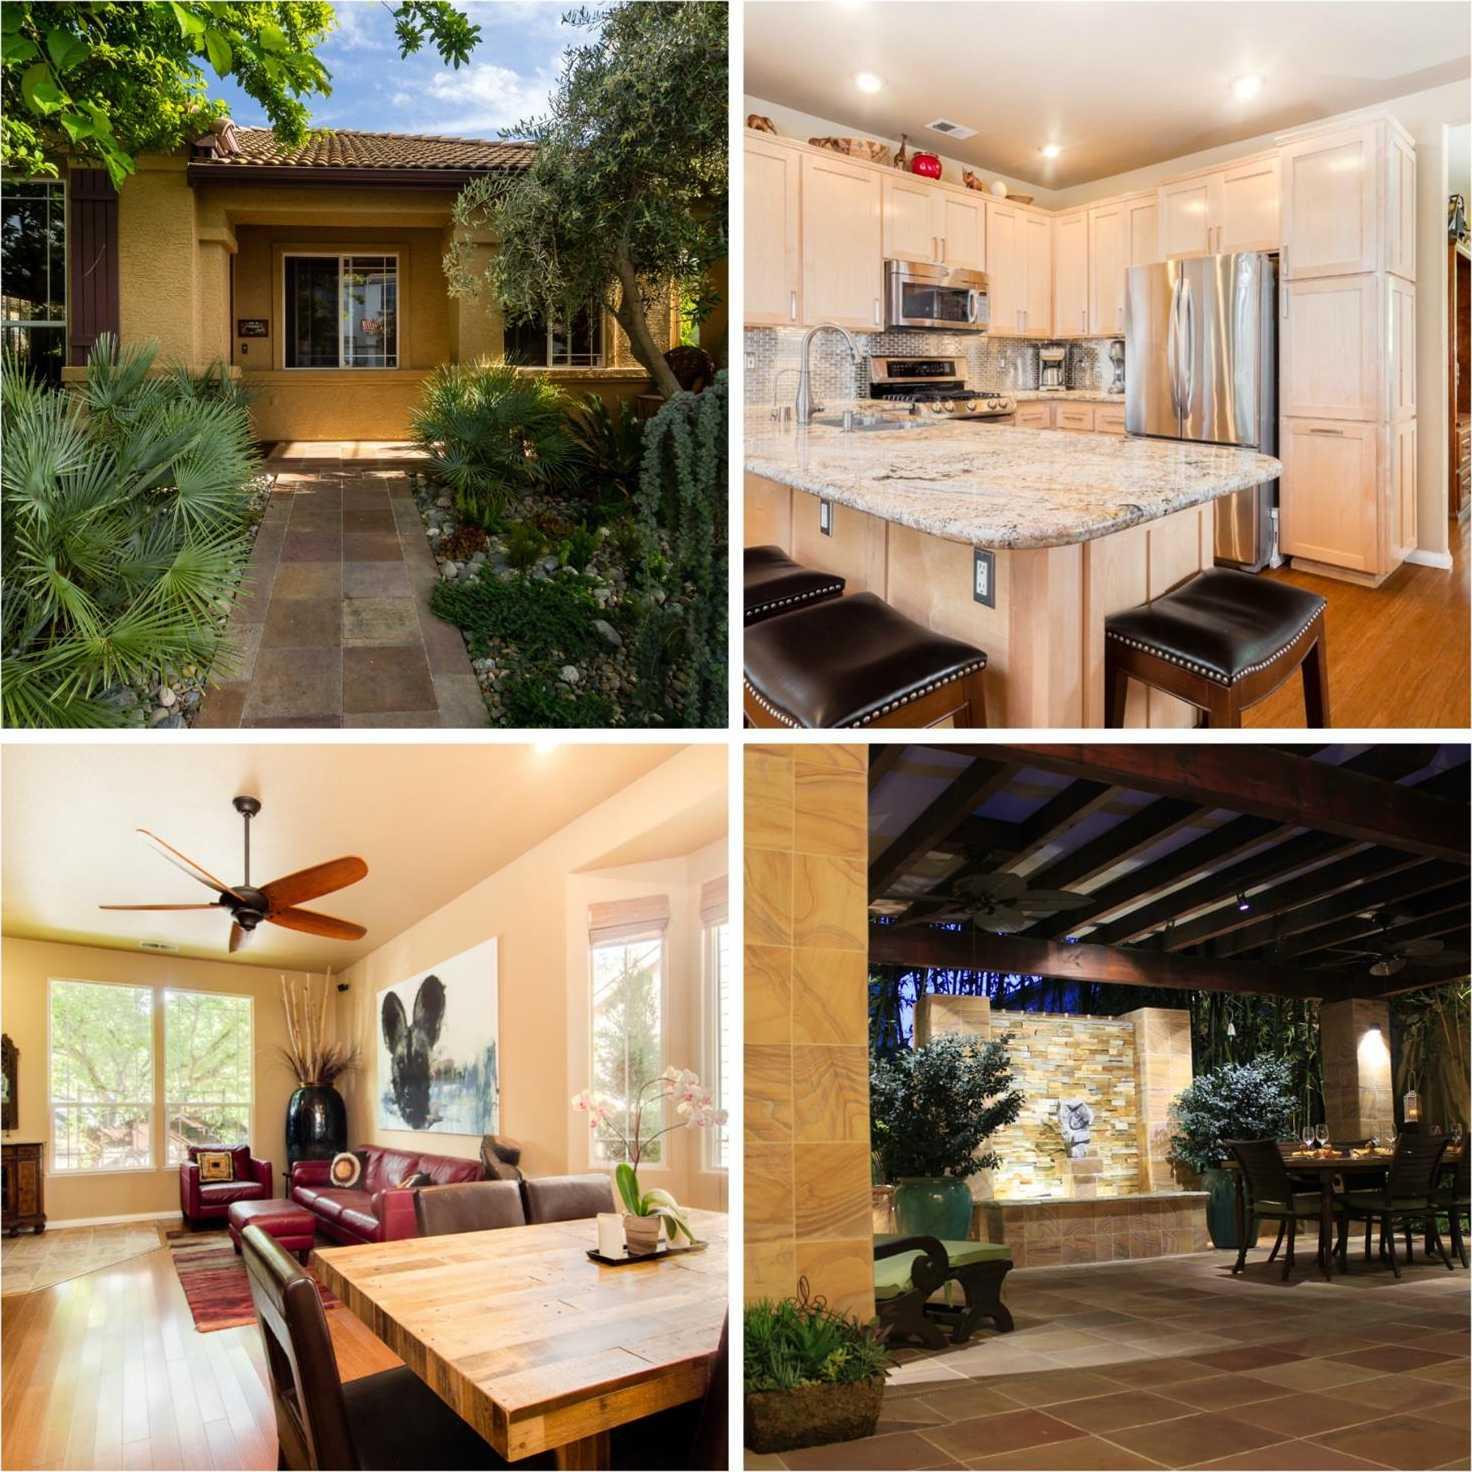 $710,000 - 3Br/2Ba -  for Sale in Davis